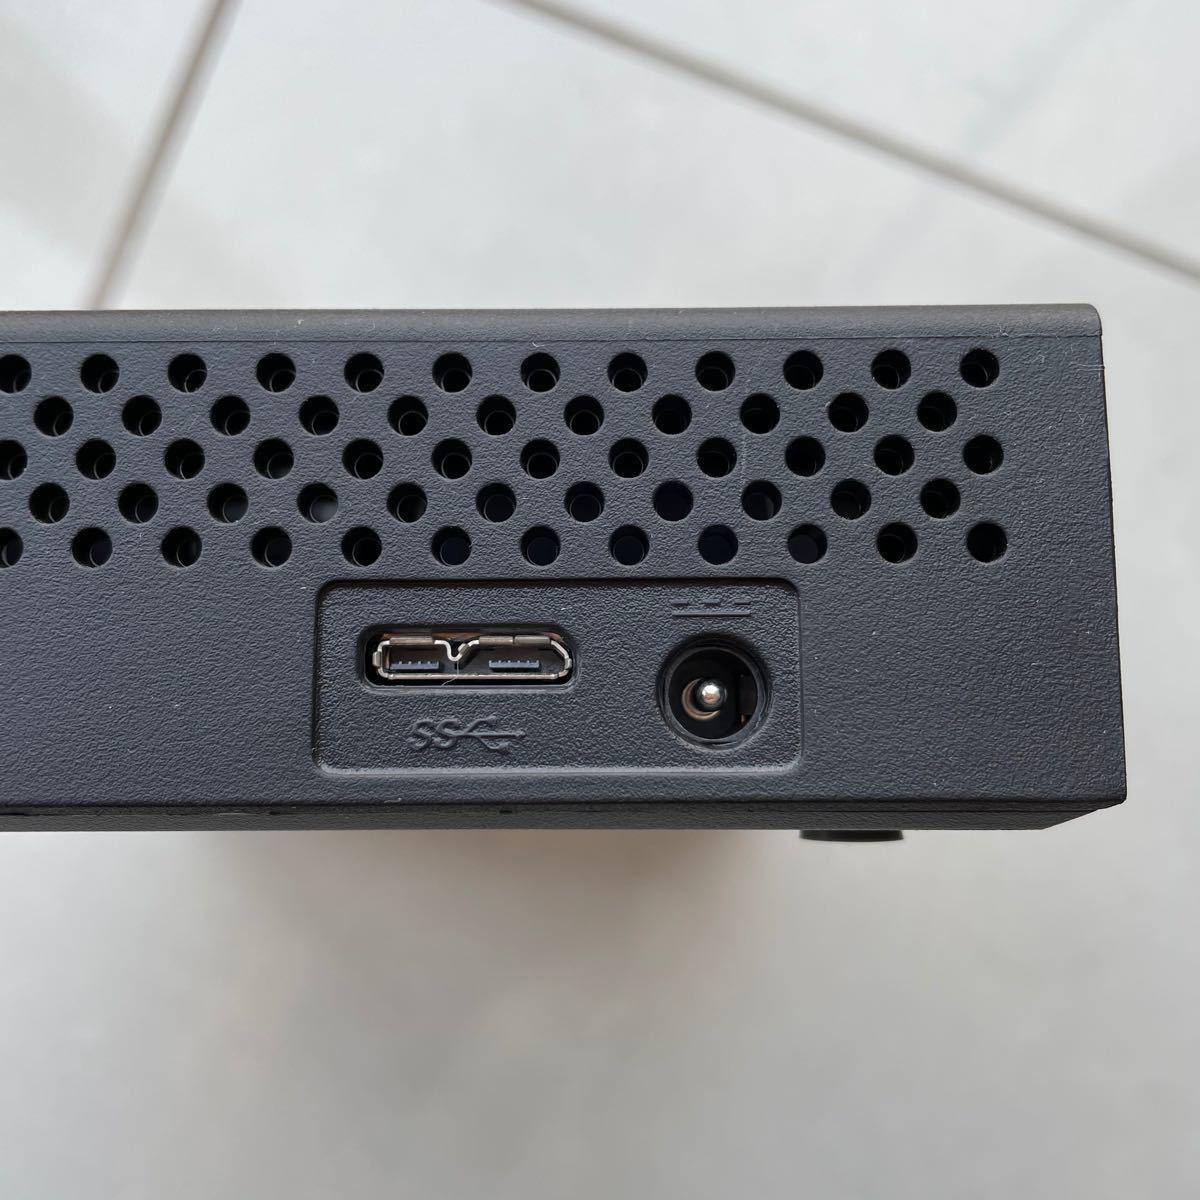 3TB外付けハードディスクドライブ エレコム SGD-EX030UBK(ST3000DM003)#3